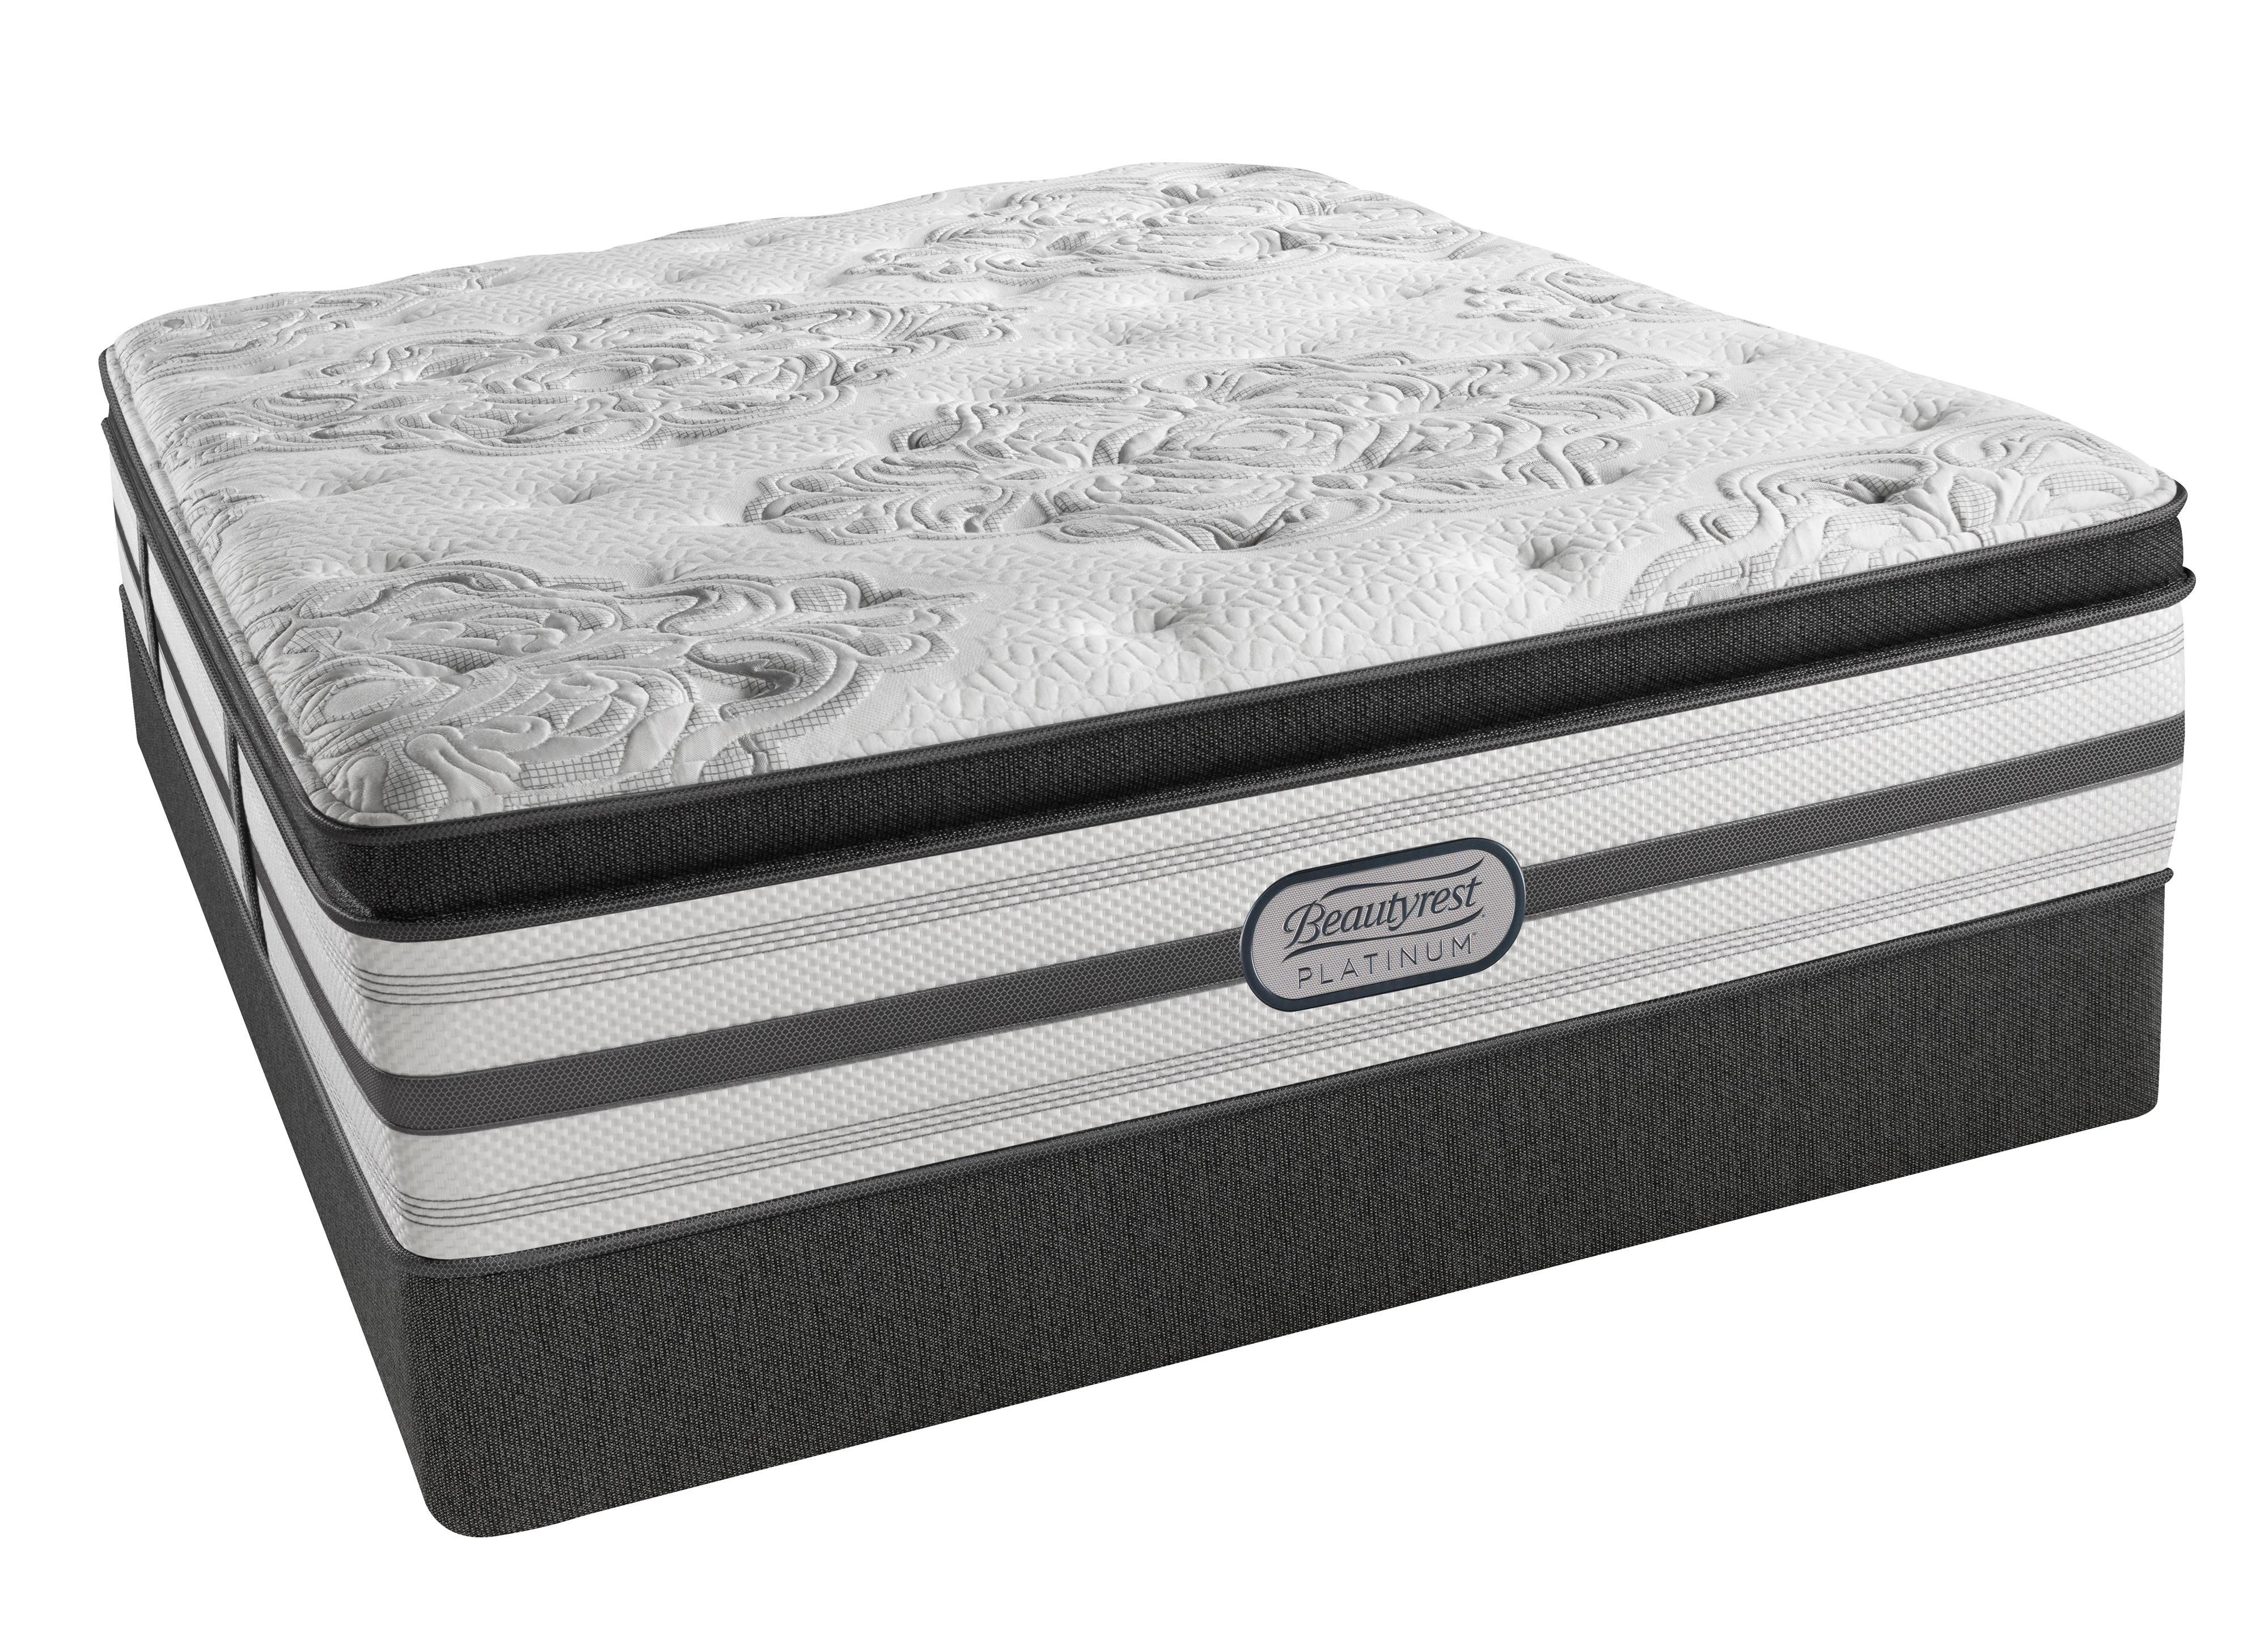 Beautyrest Platinum Gabriella Cal King Plush Pillow Top Low Profile Set - Item Number: LV3PLPT-CK+2x700150470-6070